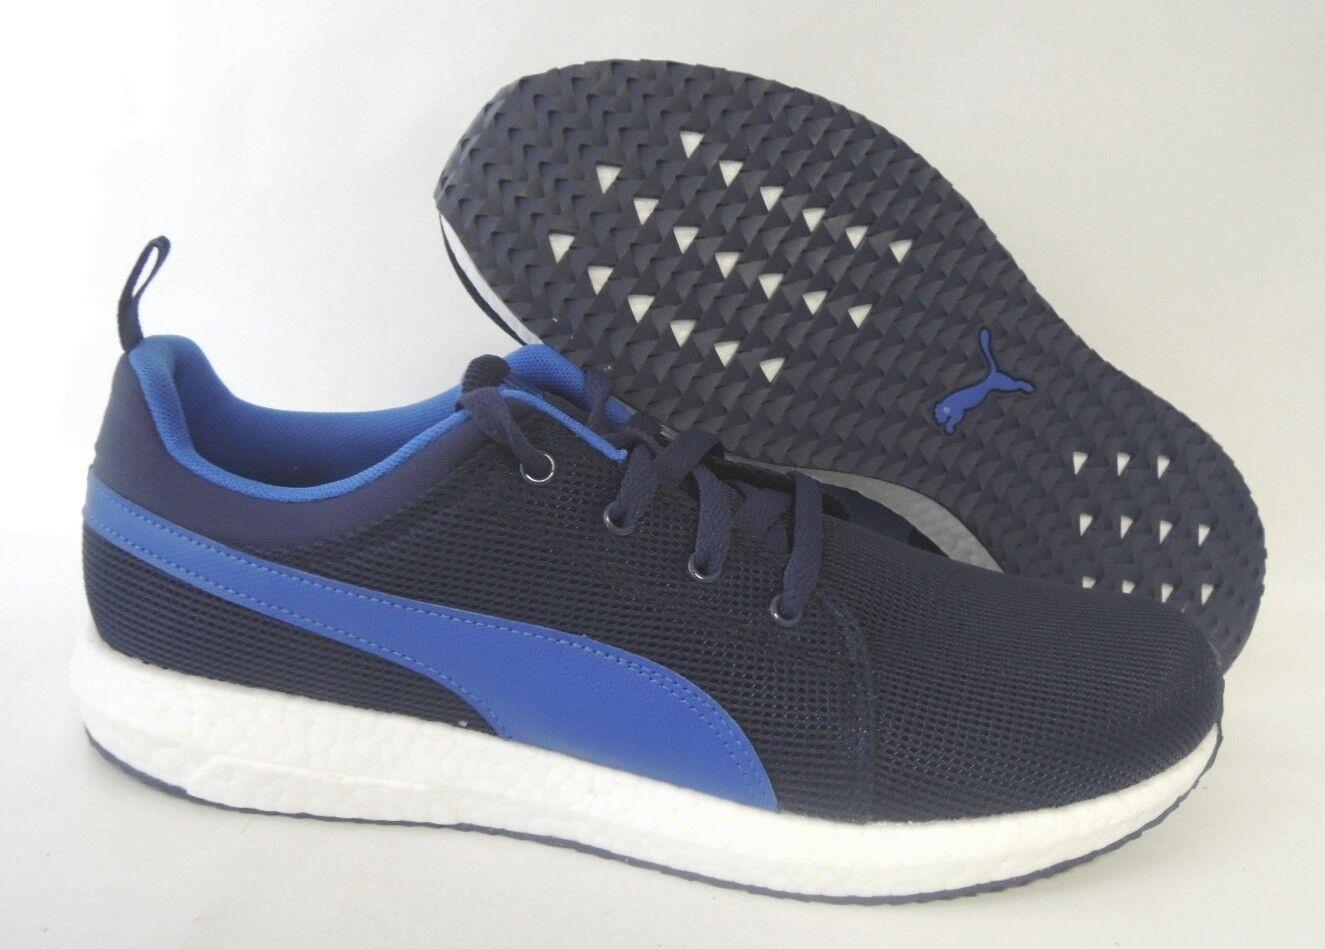 NEU Running Puma NRGY Runner 41 Laufschuhe Running NEU Schuhe 190777-01 Turnschuhe blau TOP 996191